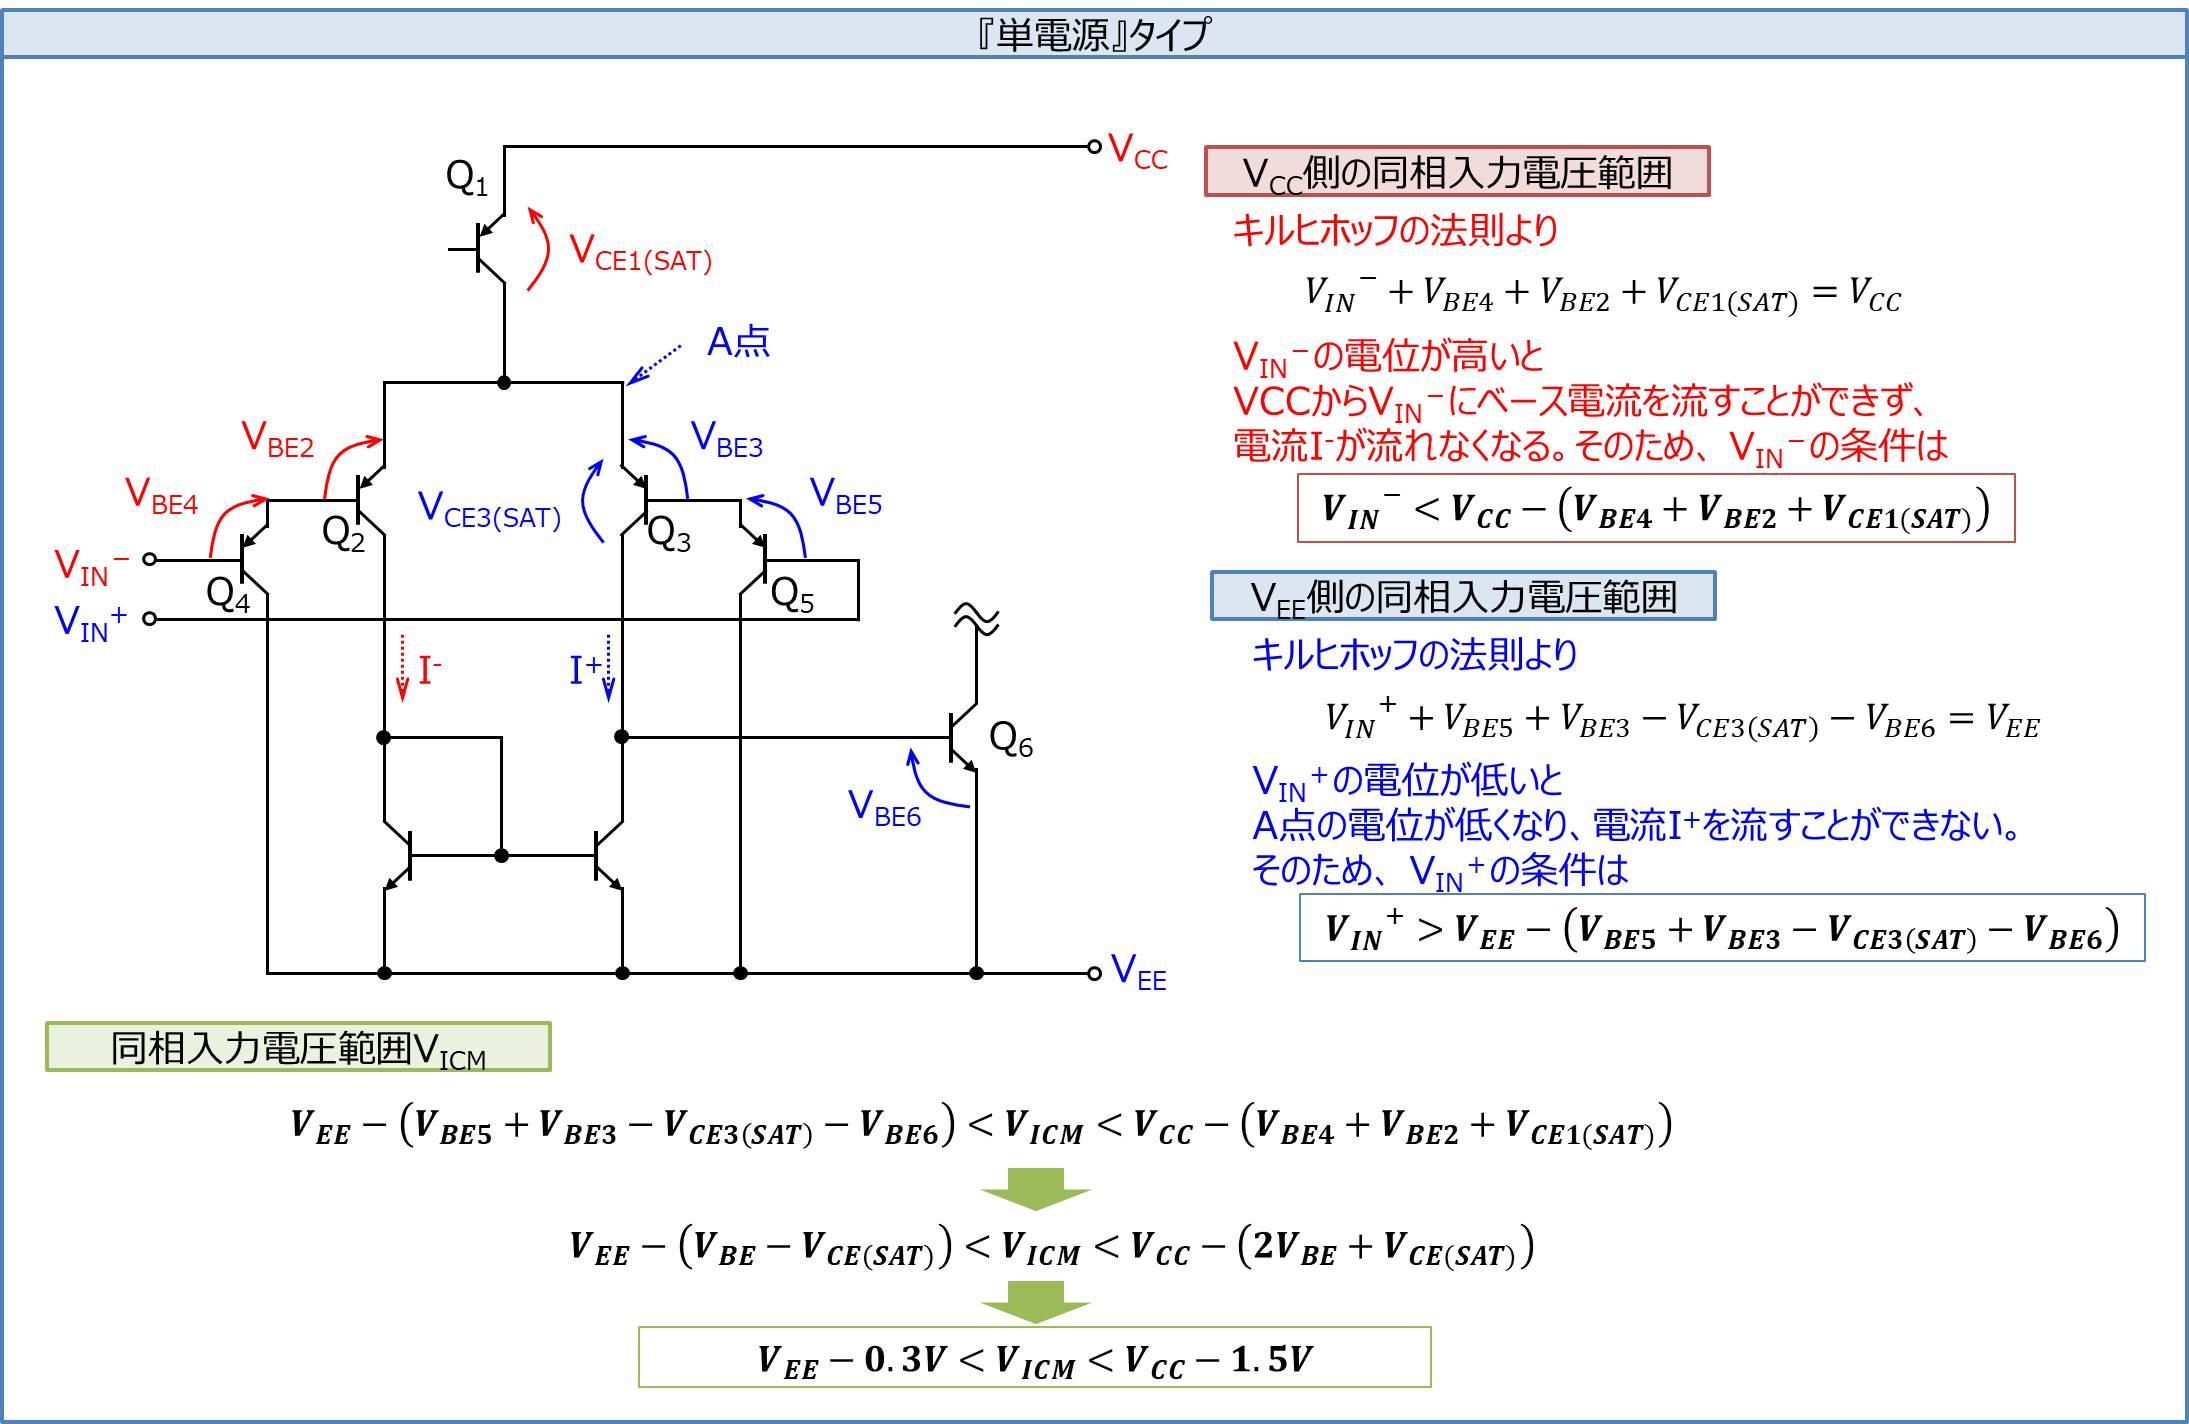 単電源タイプの同相入力電圧範囲